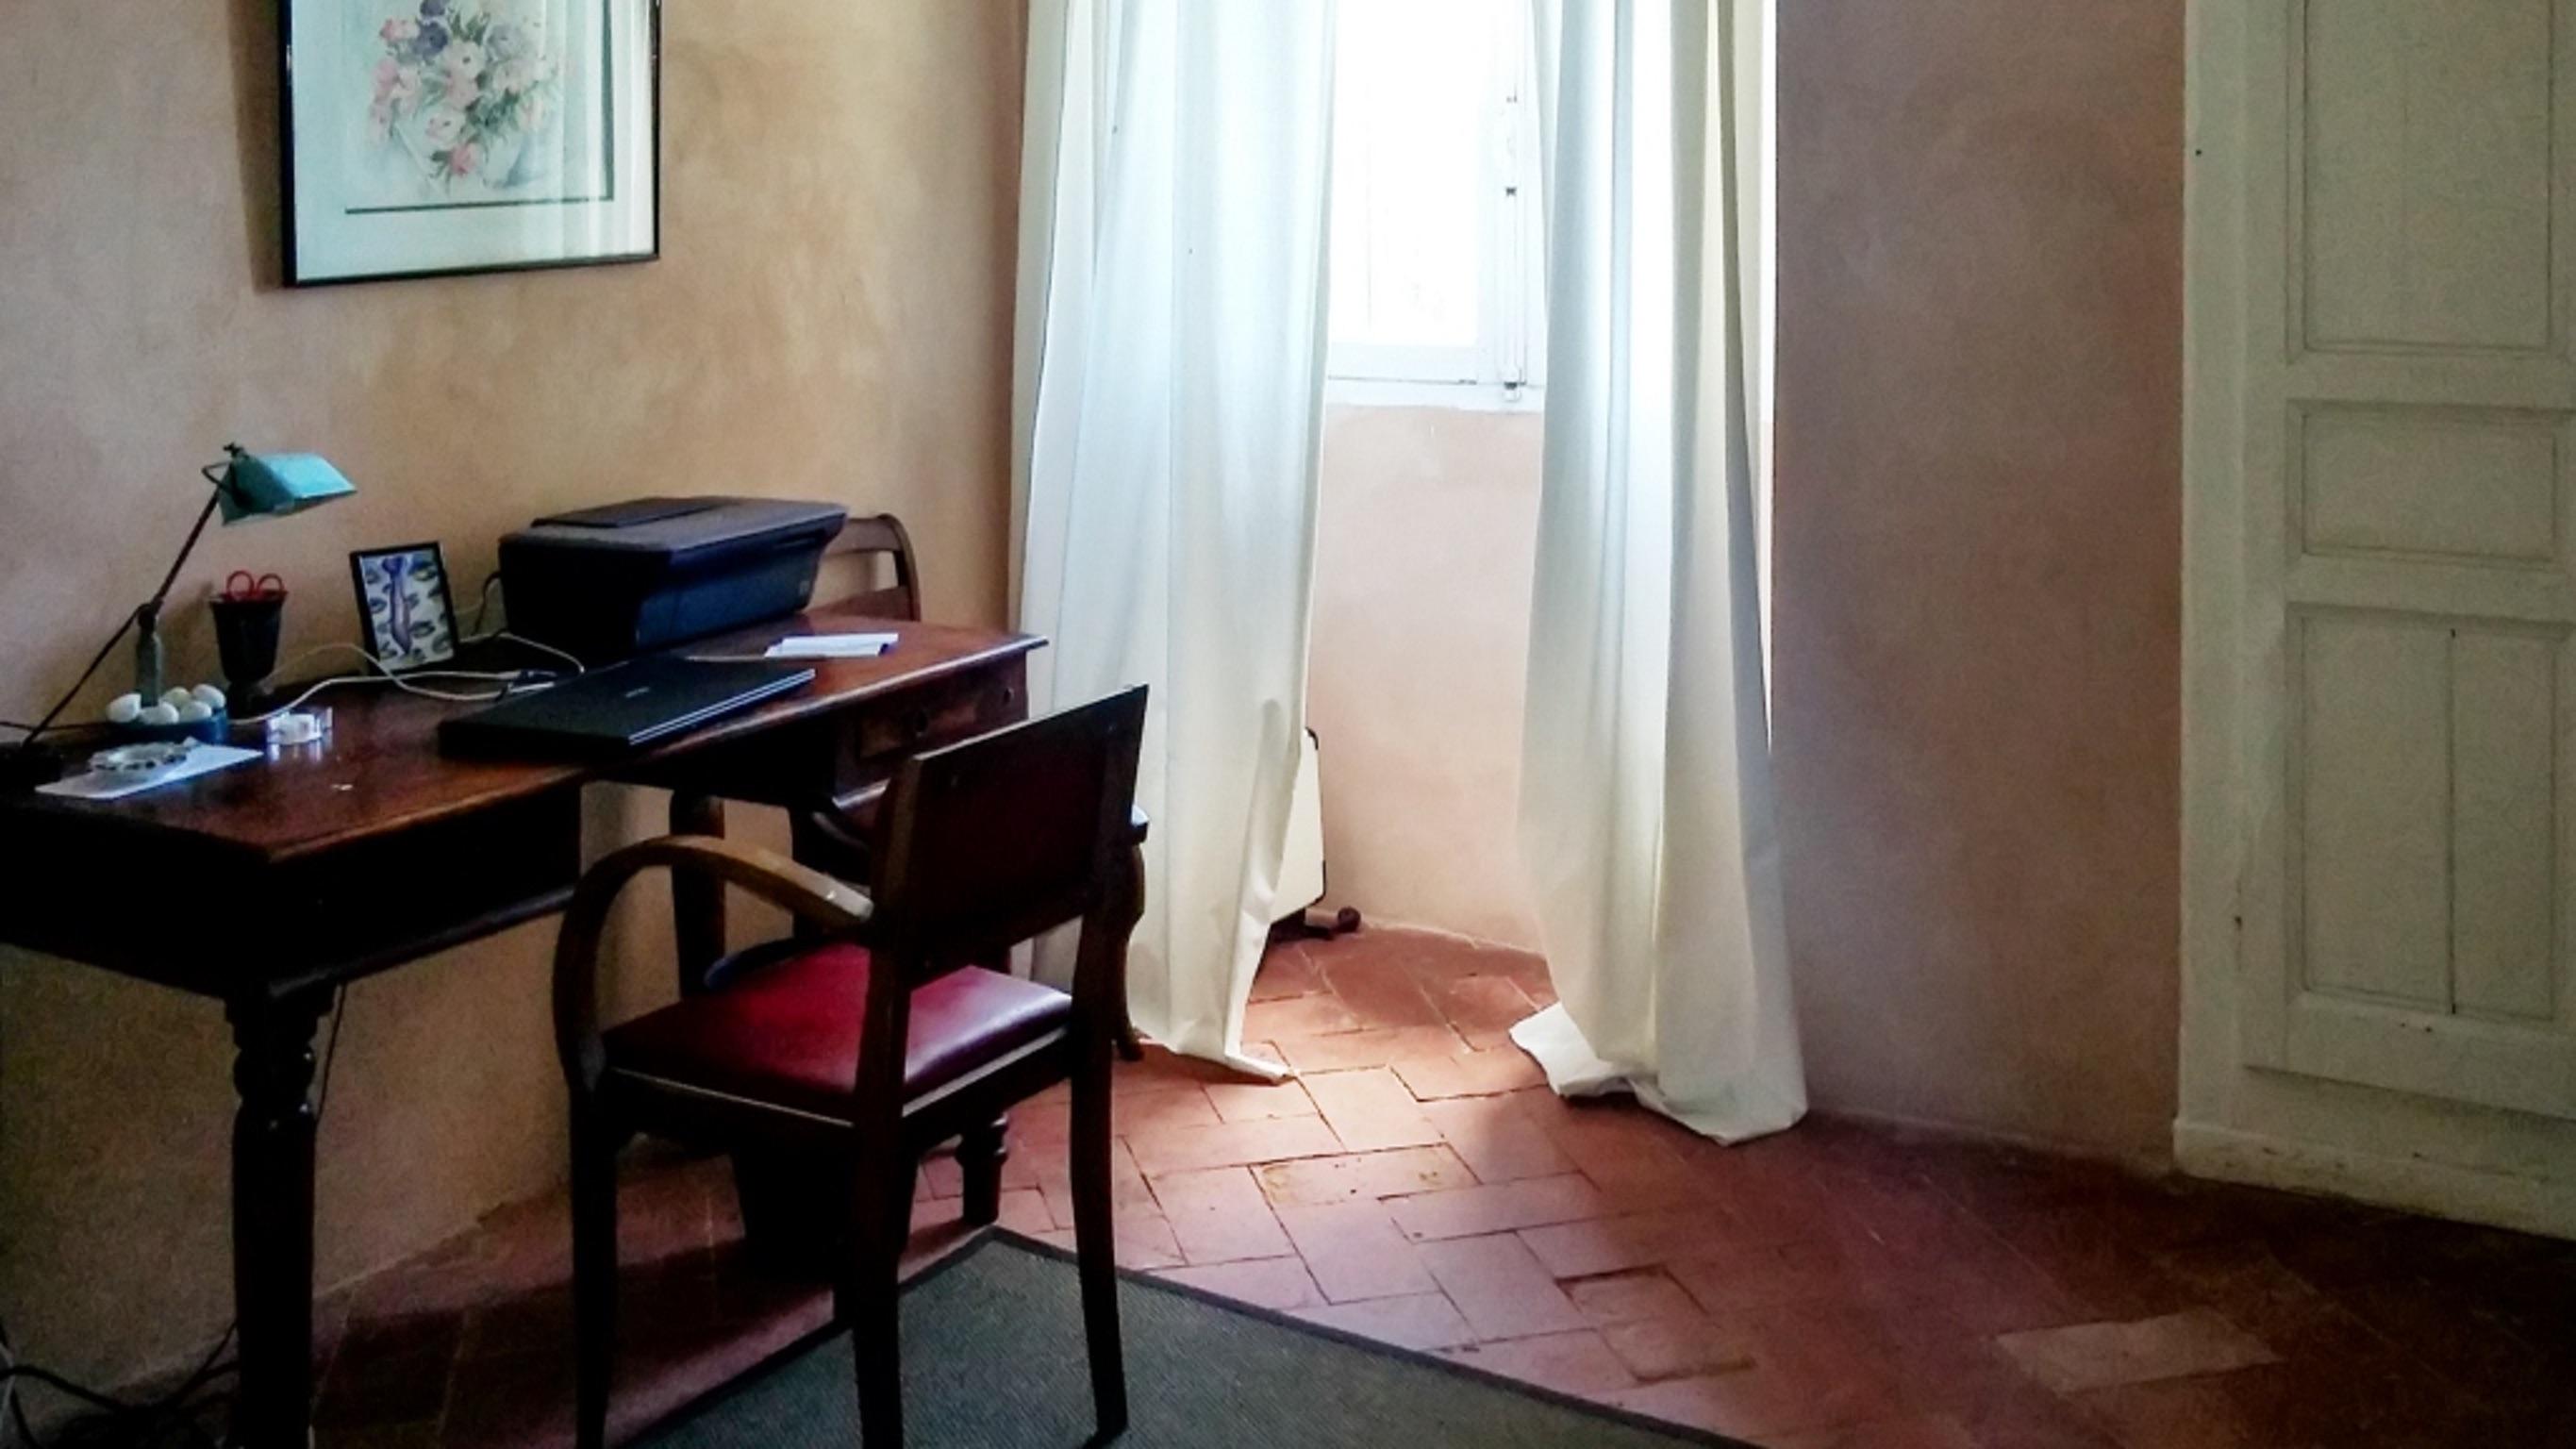 Ferienhaus Herrliches Haus mit neun Schlafzimmern und grandiosem Blick aufs Meer im hübschen Dörfchen (2202571), Centuri, Nordkorsika, Korsika, Frankreich, Bild 14